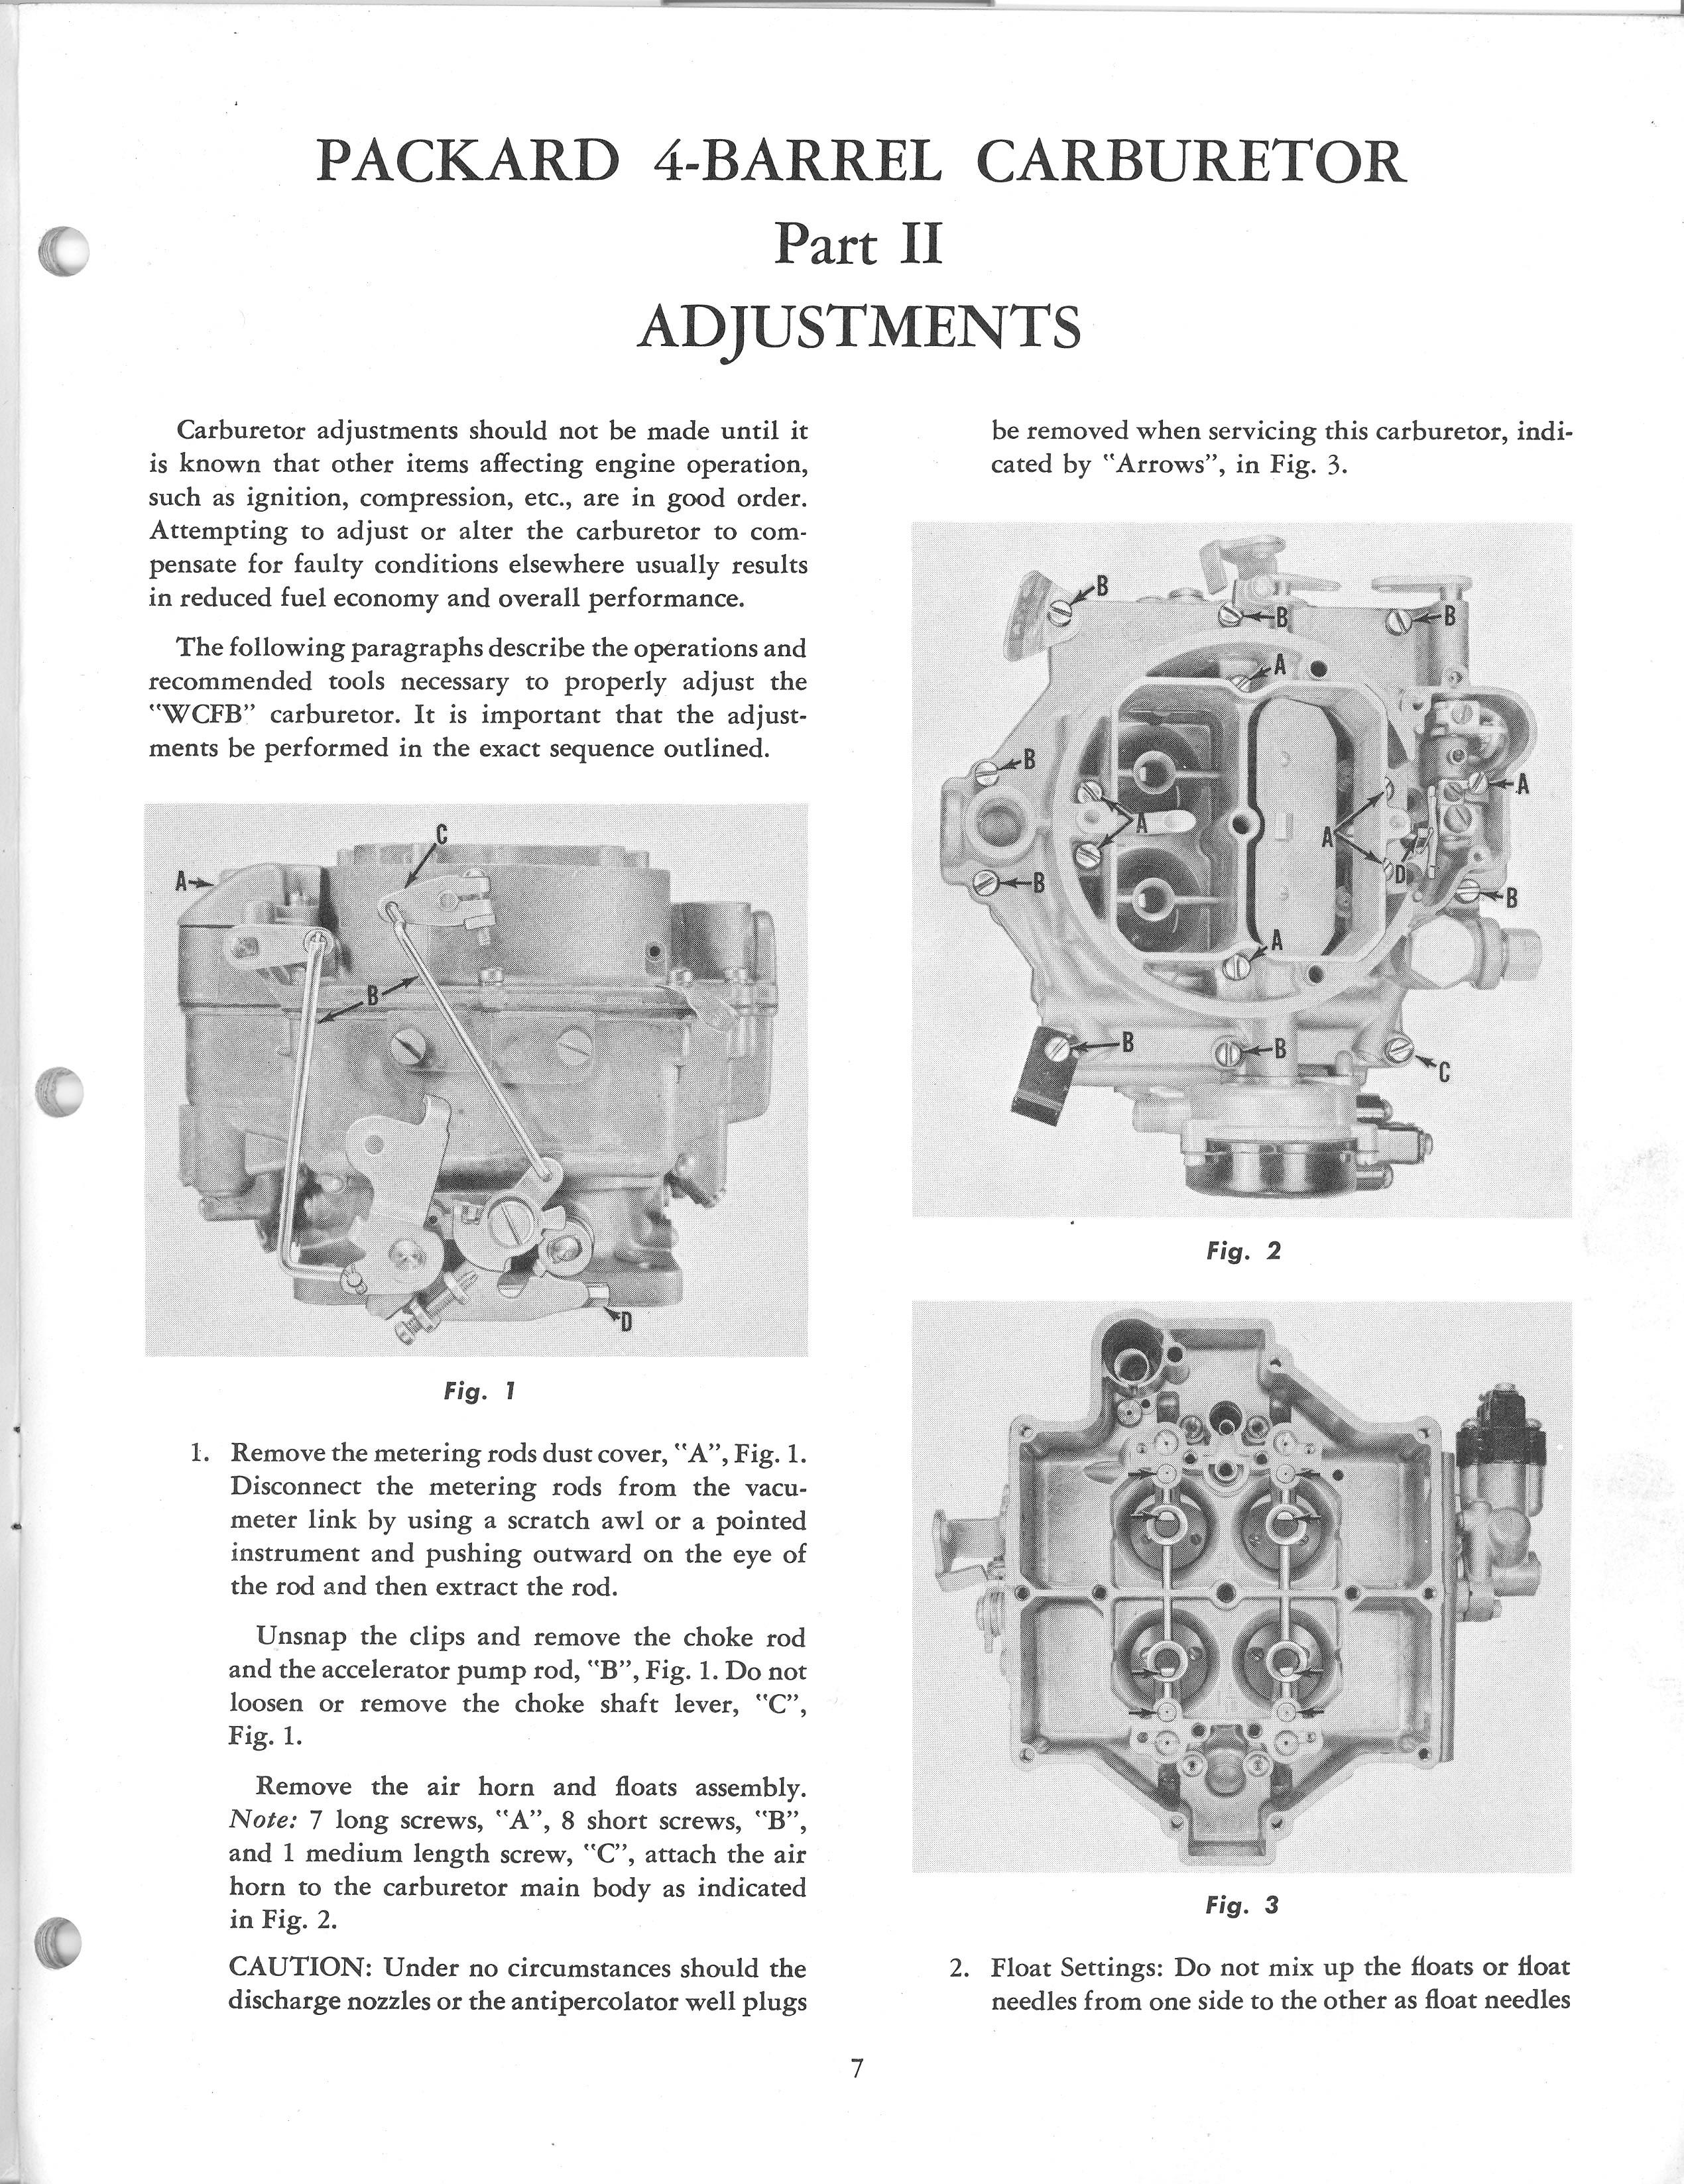 1953 Packard Carter WCFB Manual / Packard 4-Barrel0007 jpg